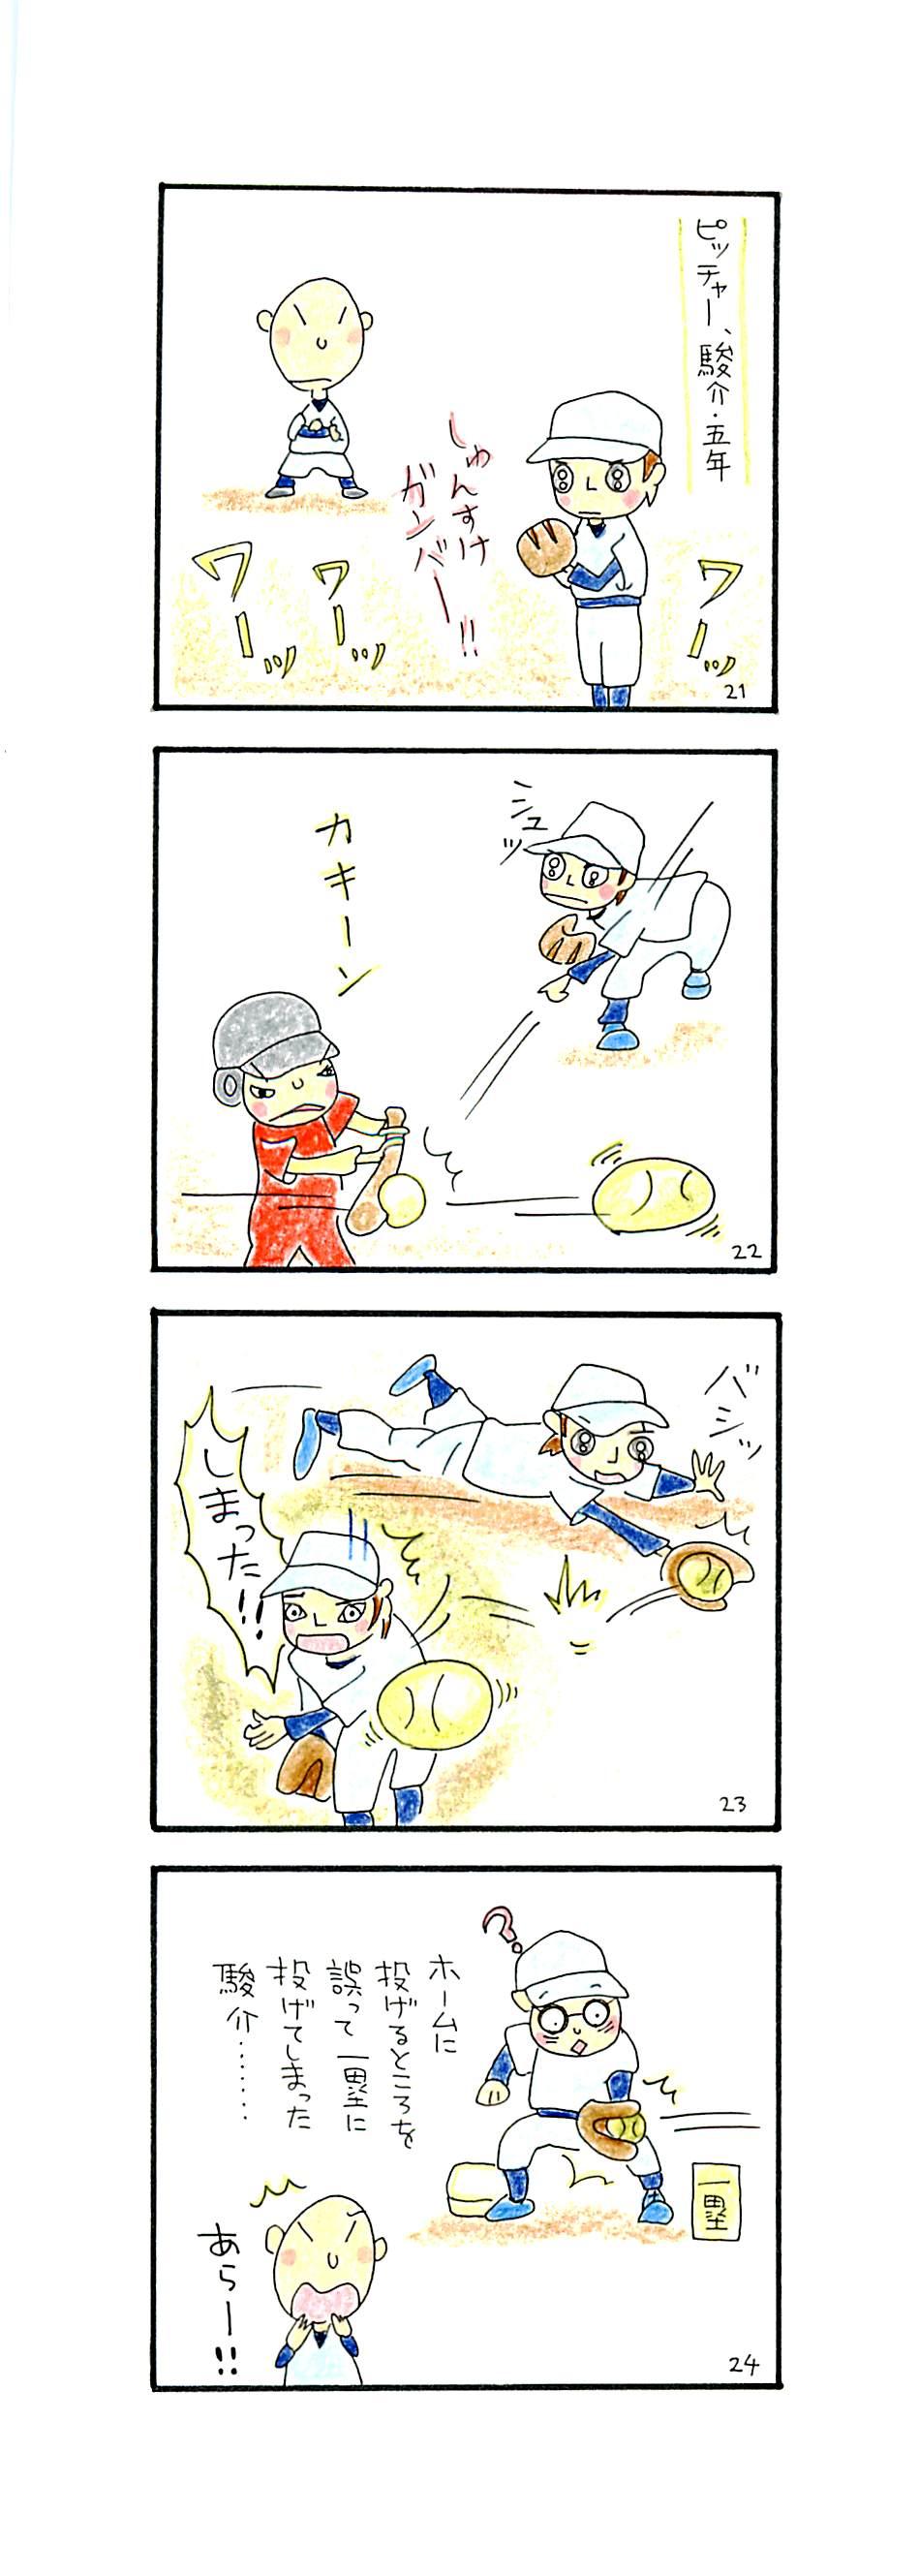 お不動さんp21-p24